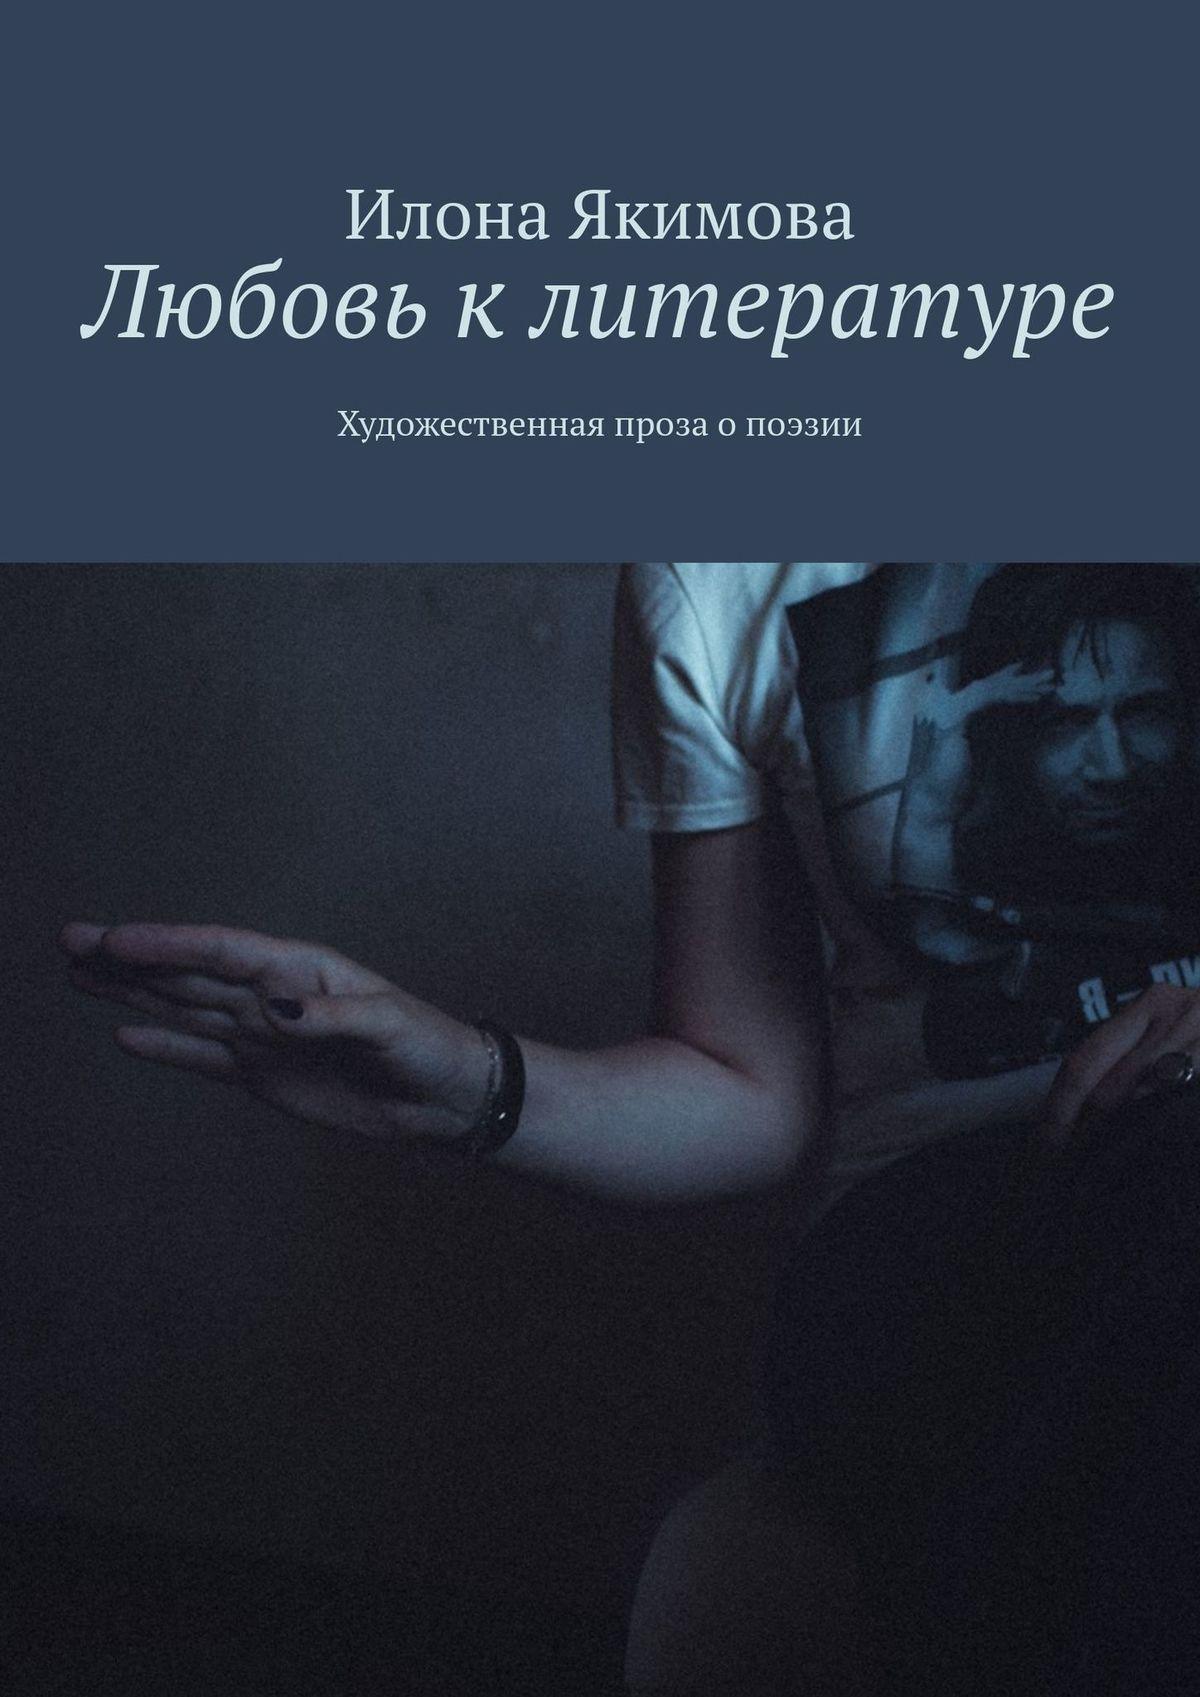 Илона Якимова / Любовь клитературе. Художественная проза опоэзии